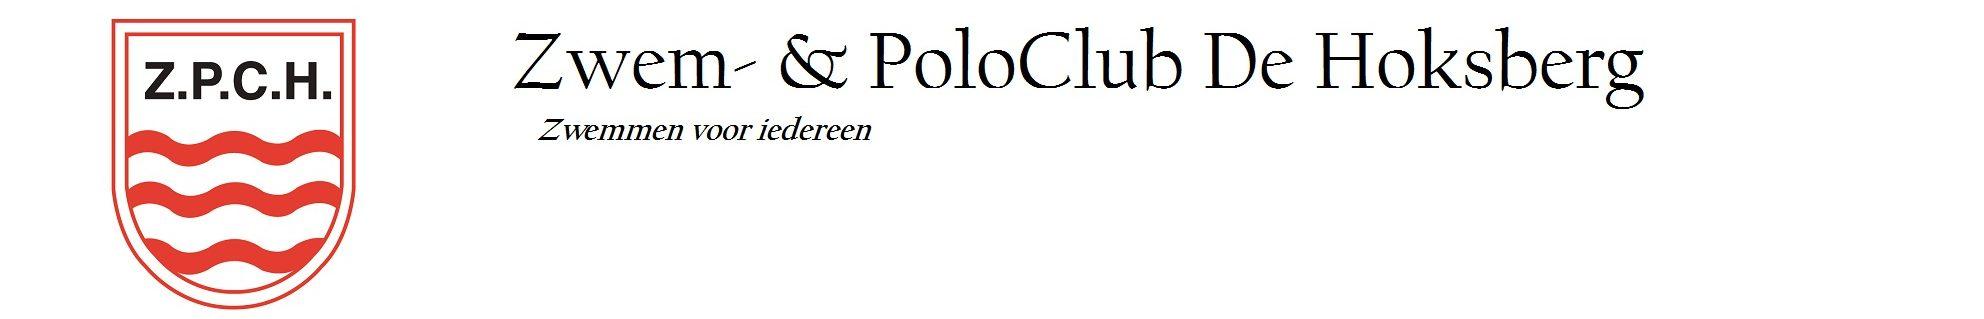 Zwem- & Poloclub De Hokseberg